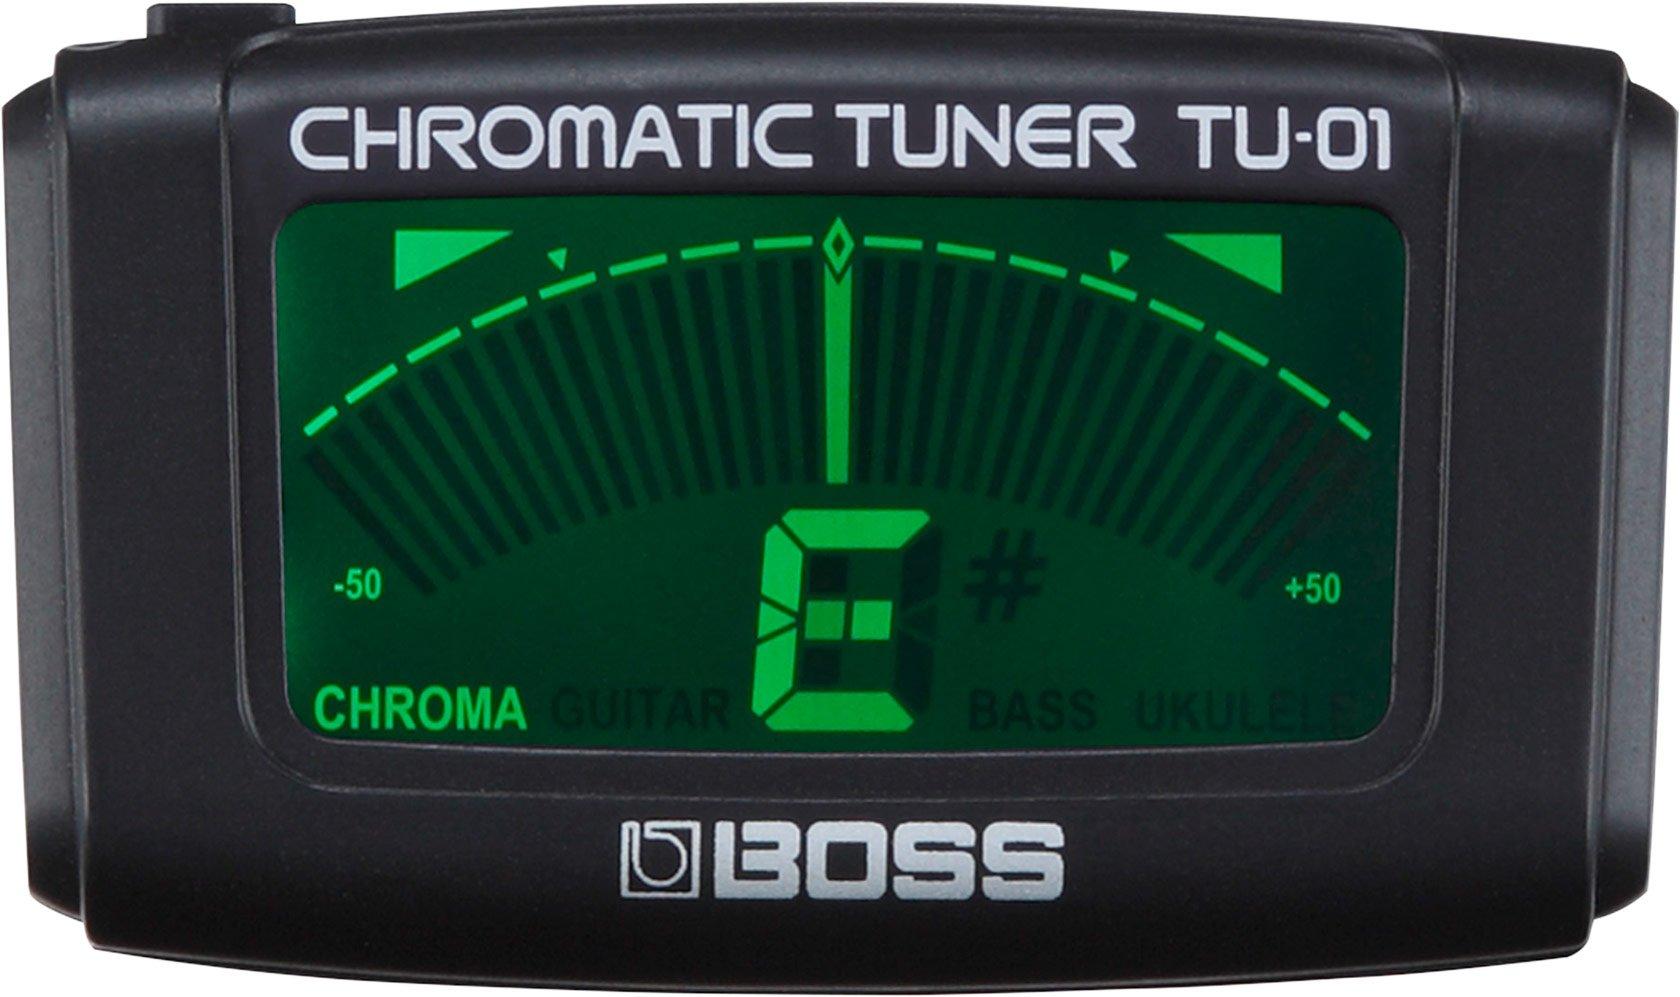 BOSS TU-01 CHROMATIC TUNER